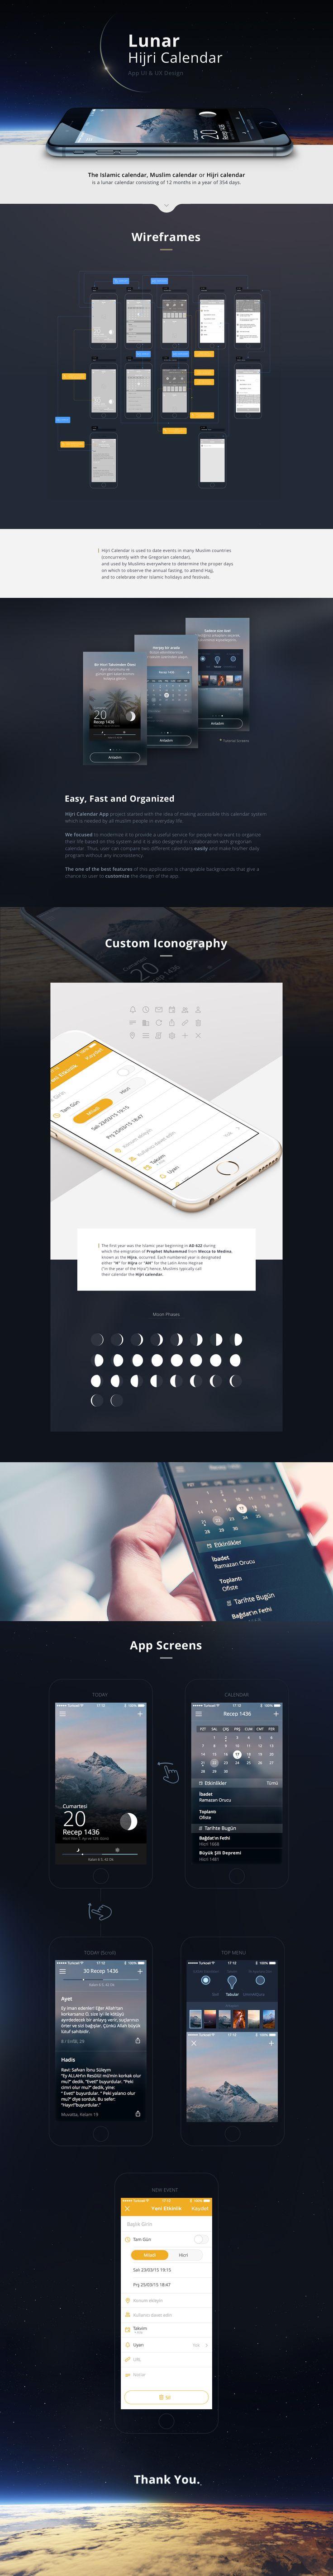 Lunar Calendar on Behance